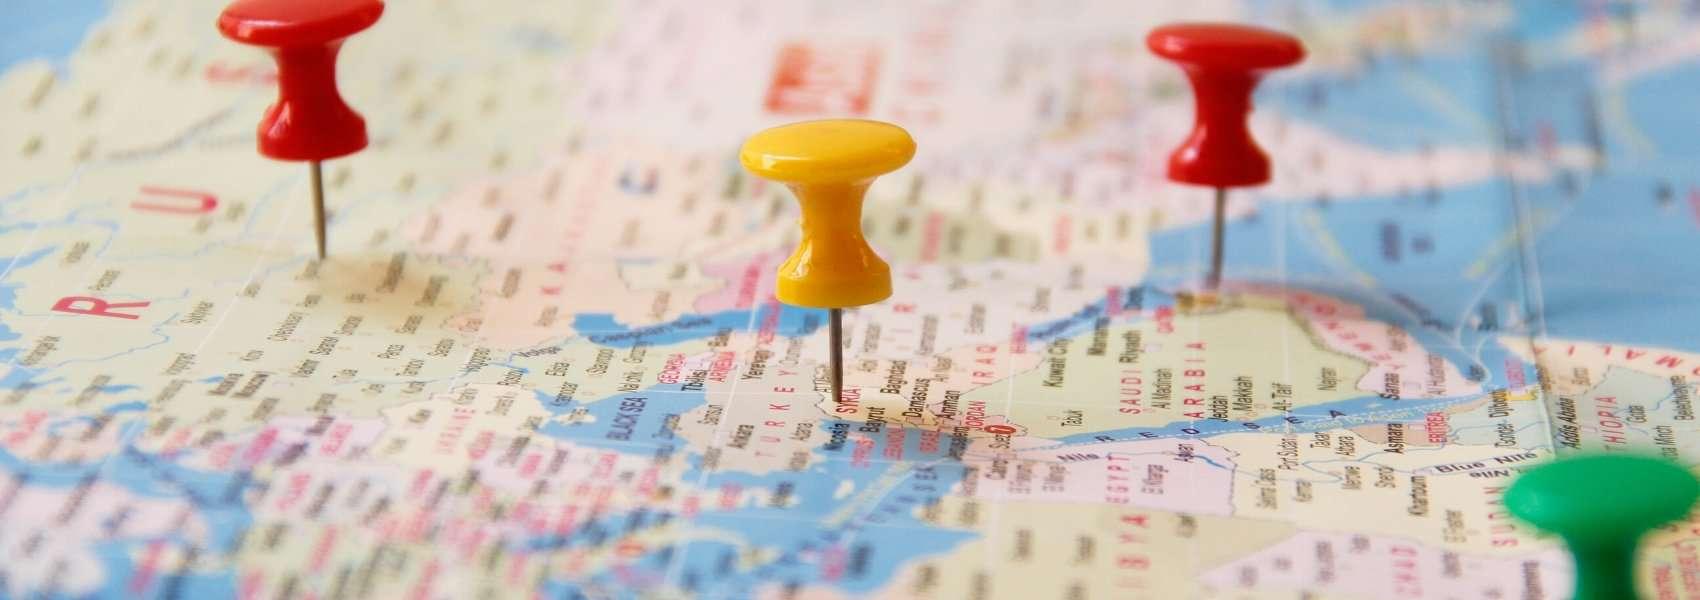 10 populære reisemål & destinasjoner for klassetur